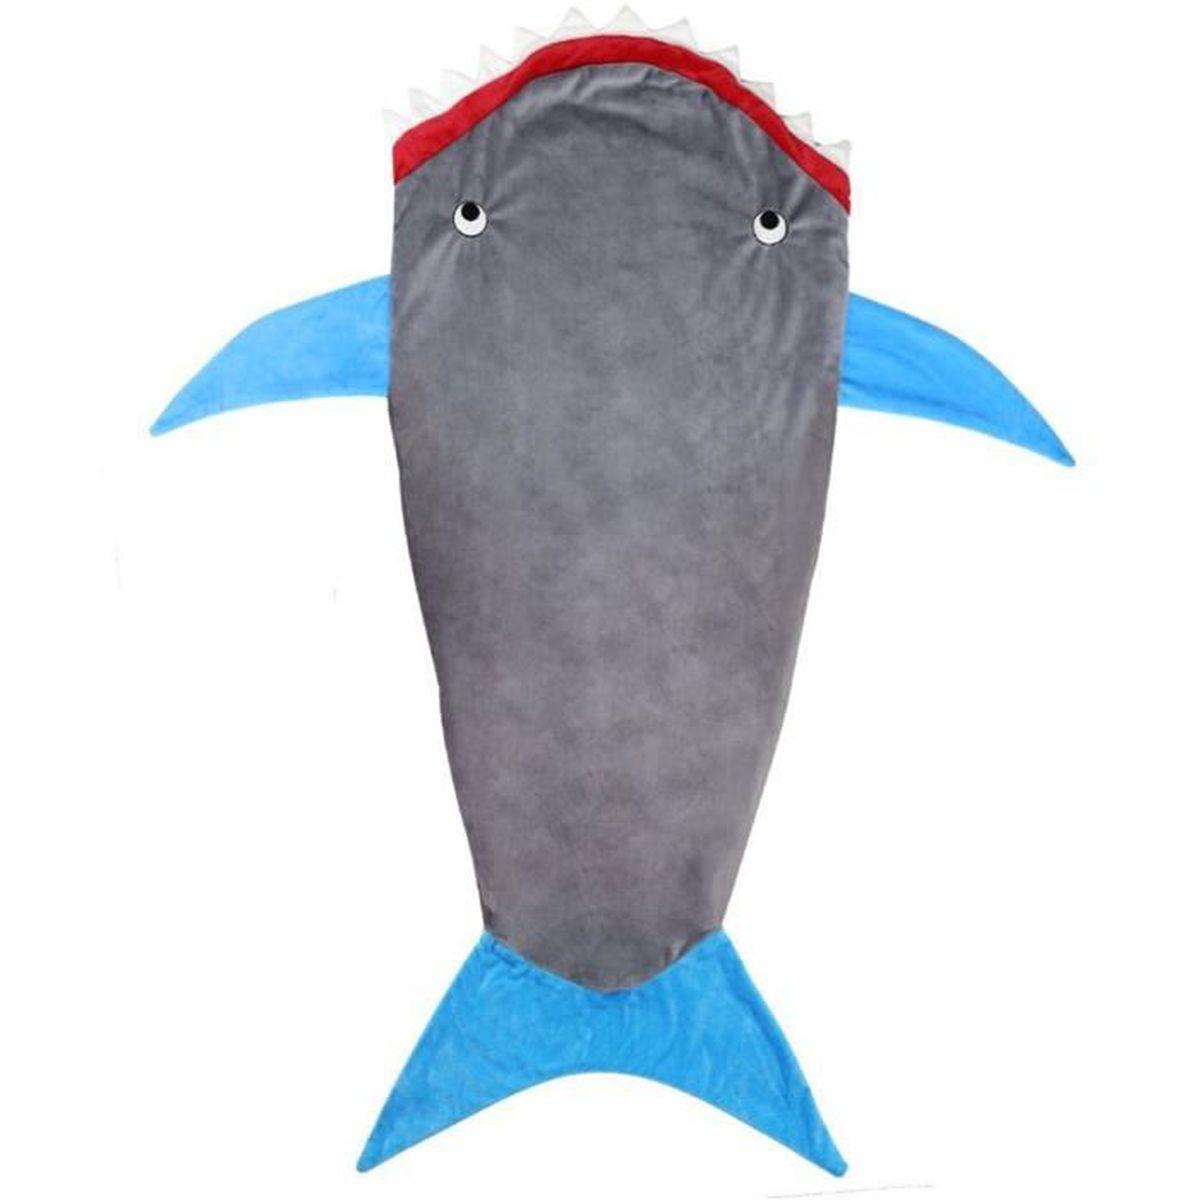 Flanelle De Requin Couvertures Couchage Enfant Sac Pour Garçon PqPgrwF